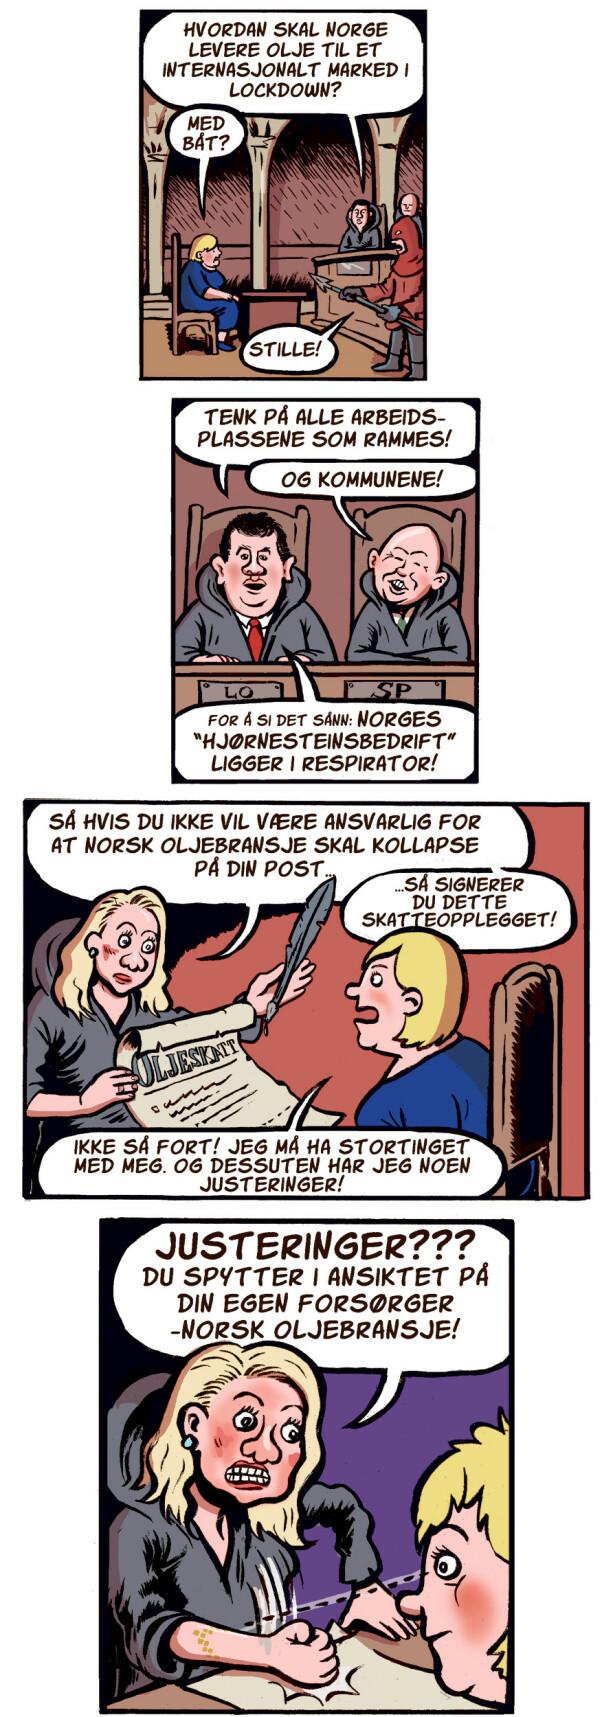 image: Hysj, Erna. Røkke snakker